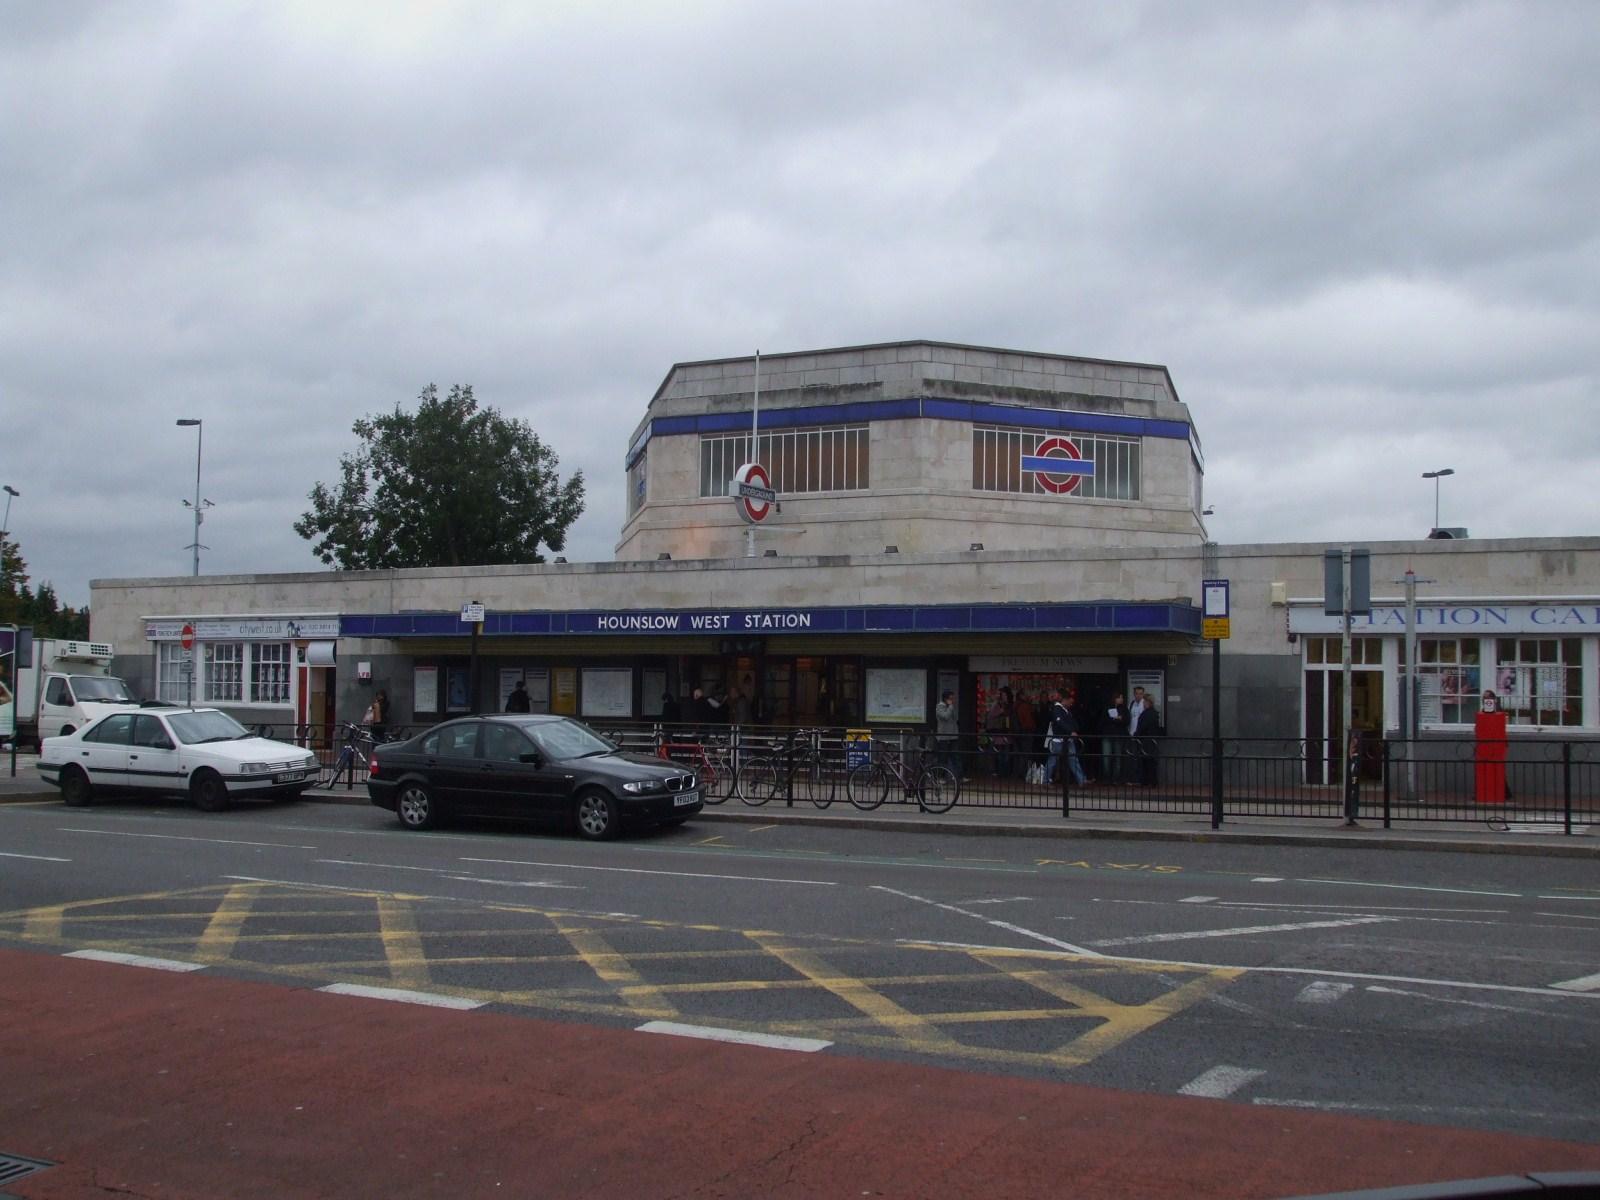 Hounslow West